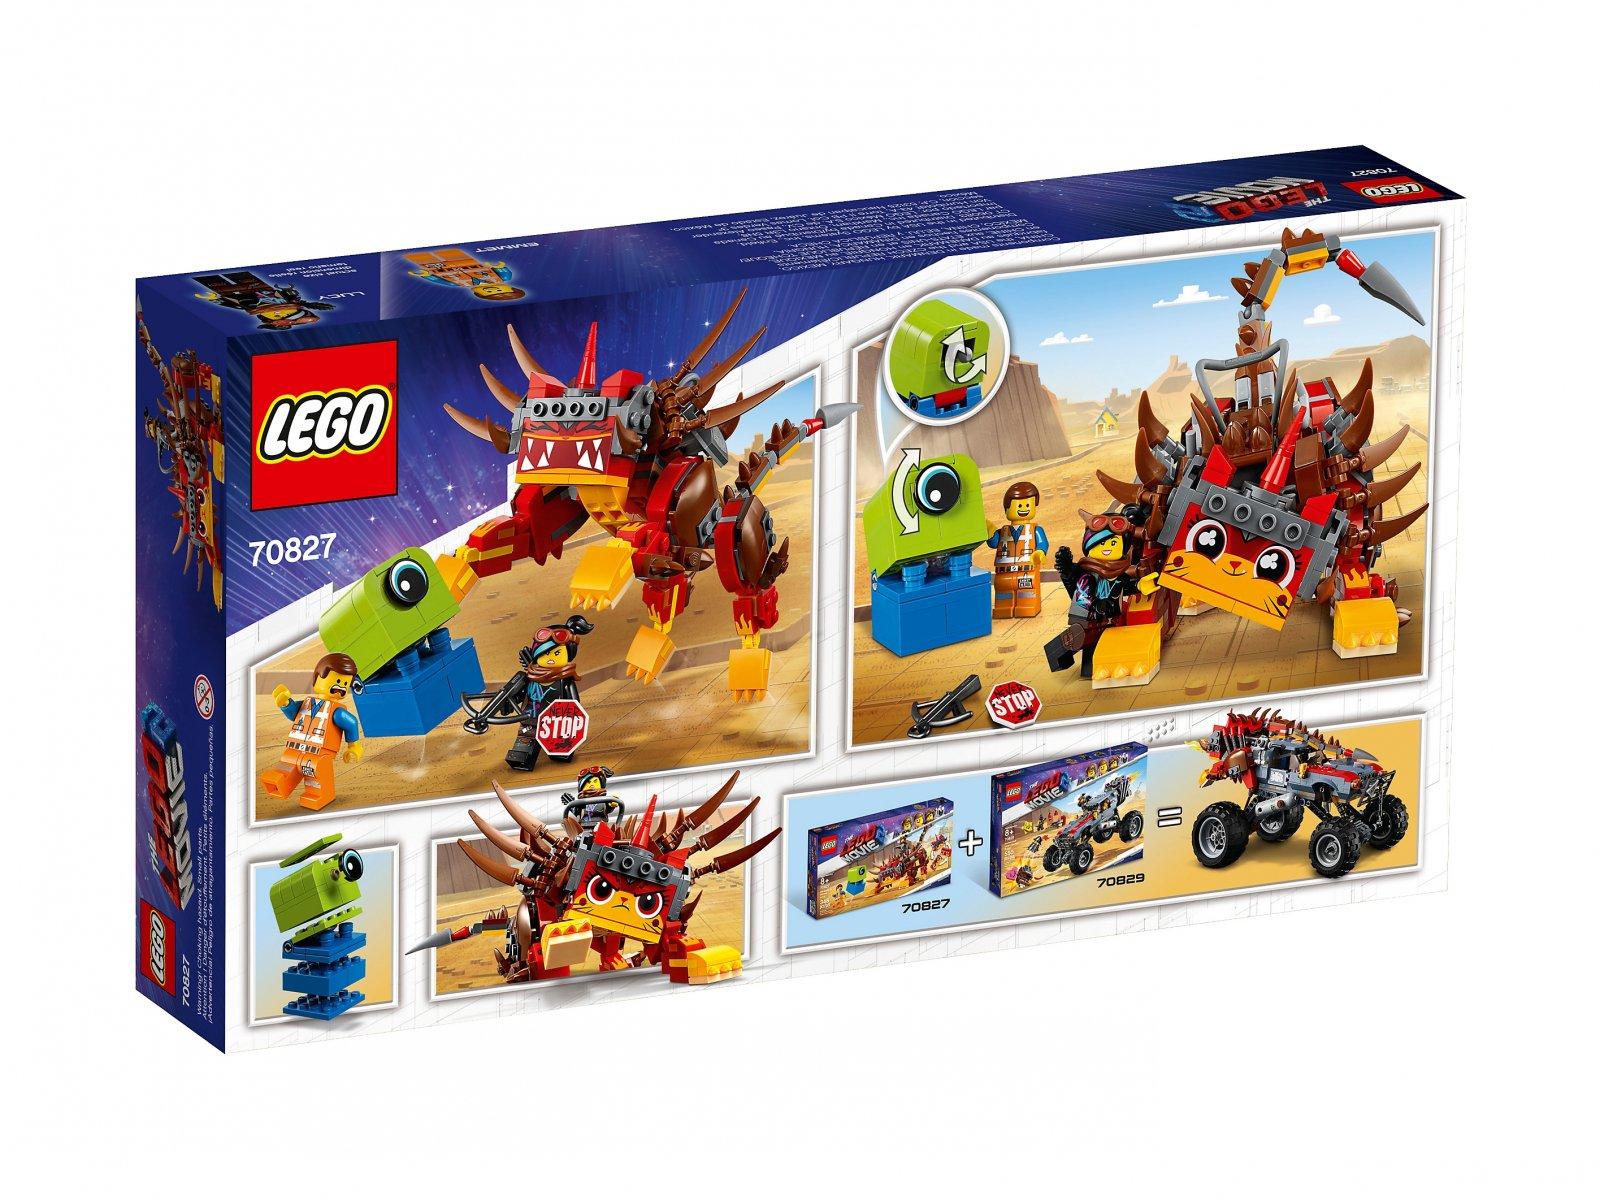 LEGO THE LEGO® MOVIE 2™ UltraKocia i Lucy Wojowniczka 70827